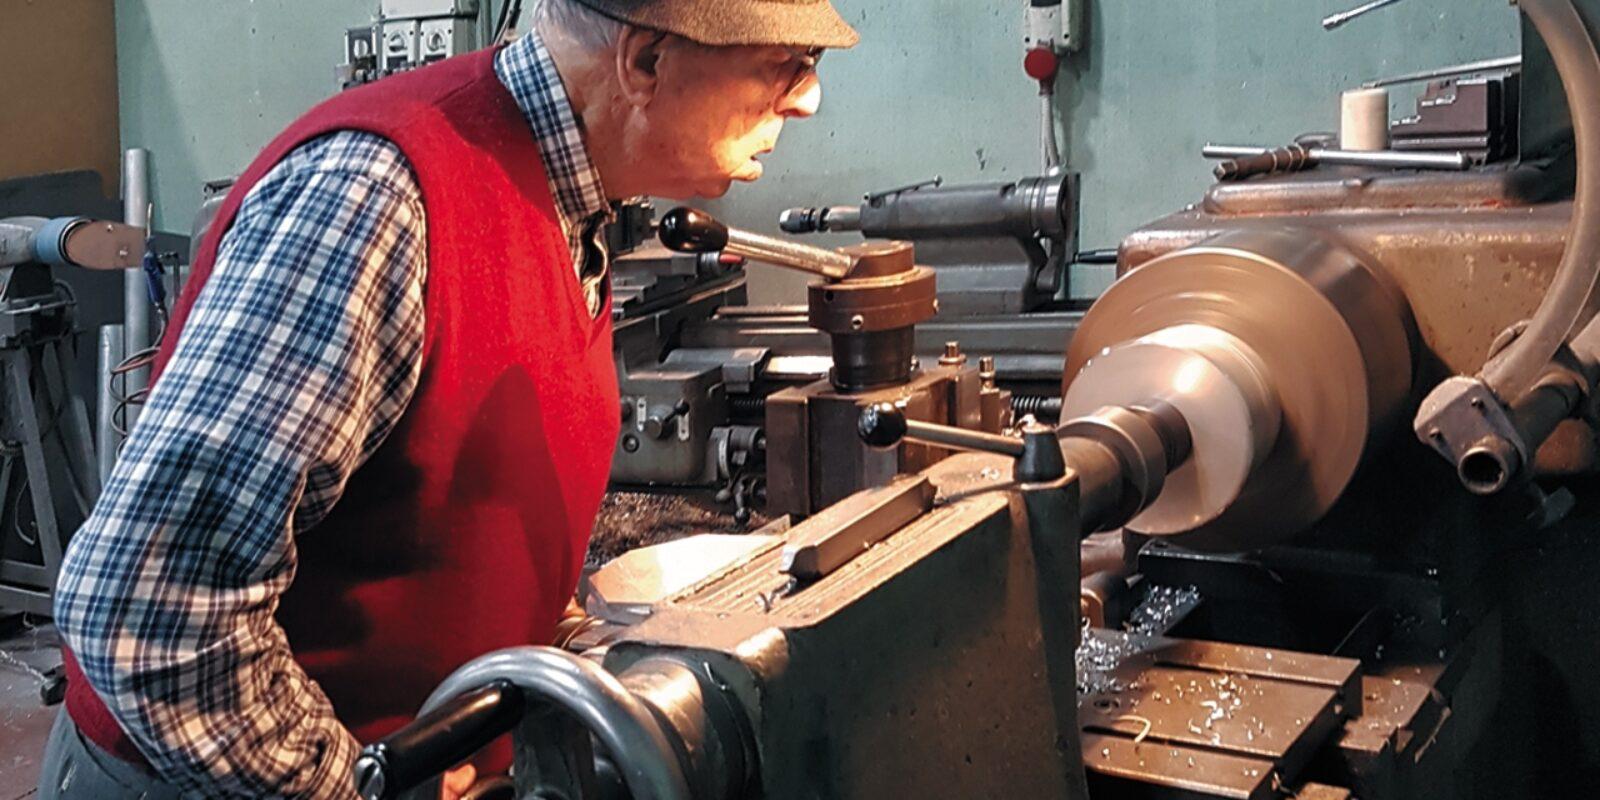 officina meccanica g.r.a.m GerardoRosamilia